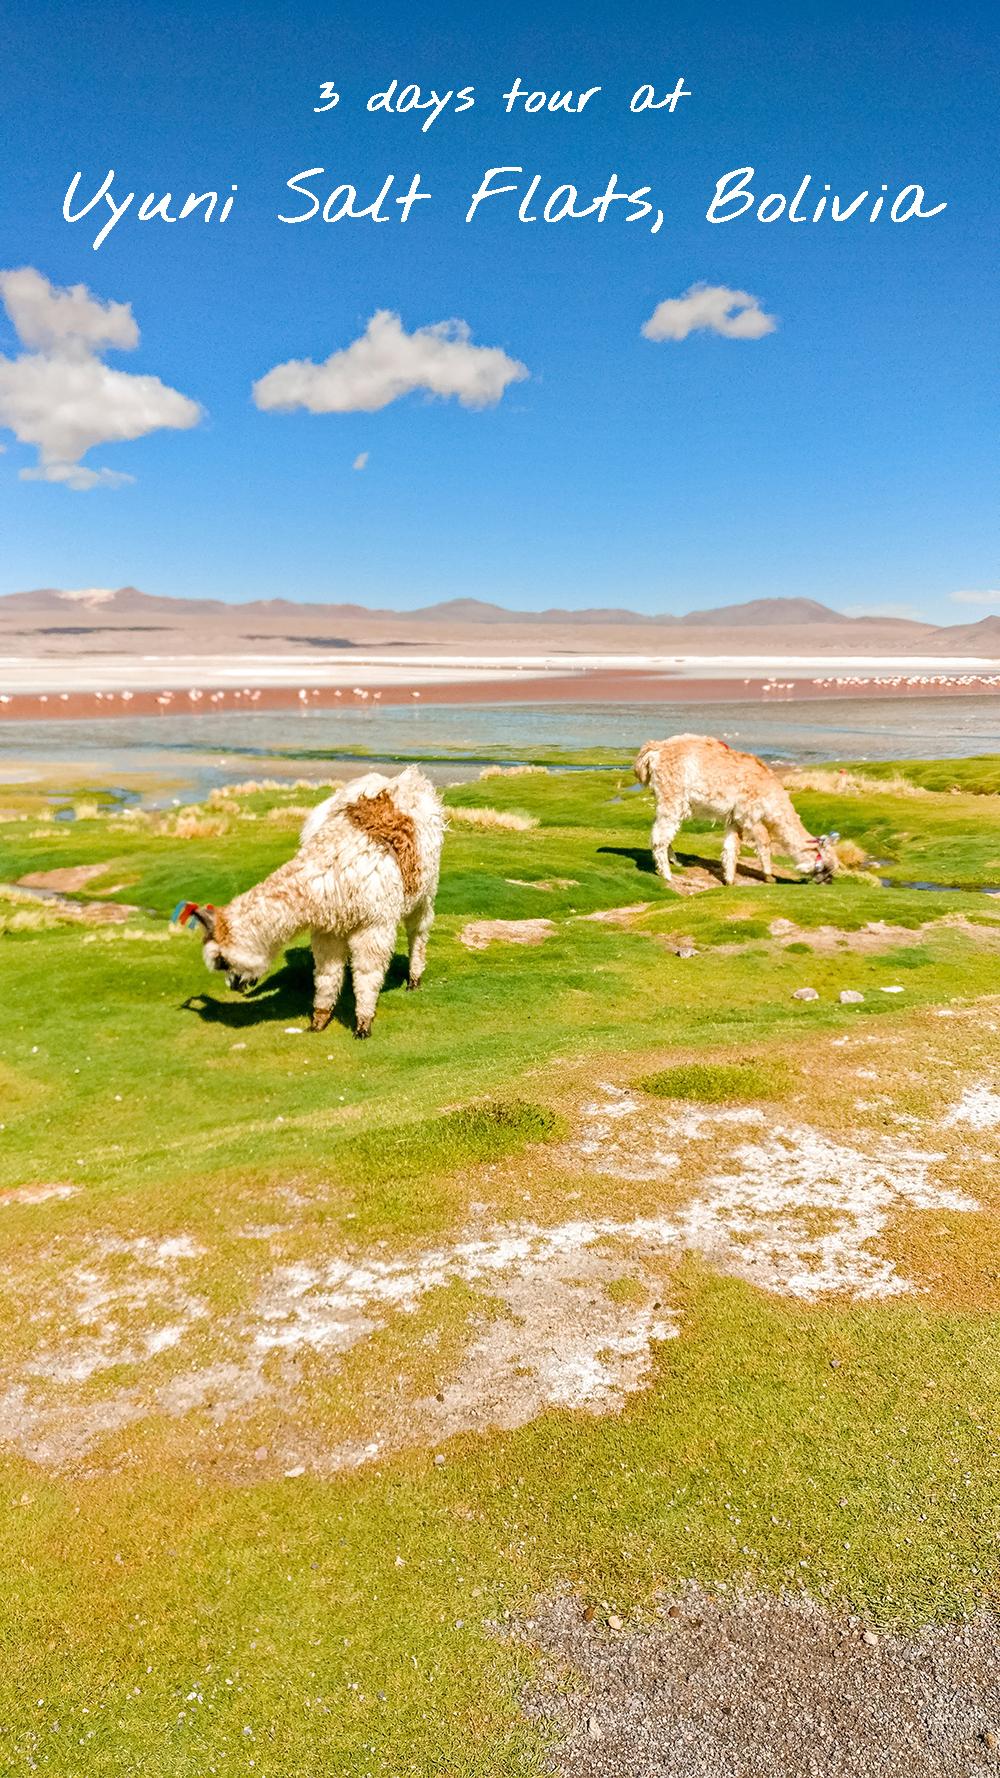 3 days tour at Uyuni Salt Flats, Bolivia - How to pick the best Uyuni Salt Flats tour? | Aliz's Wonderland